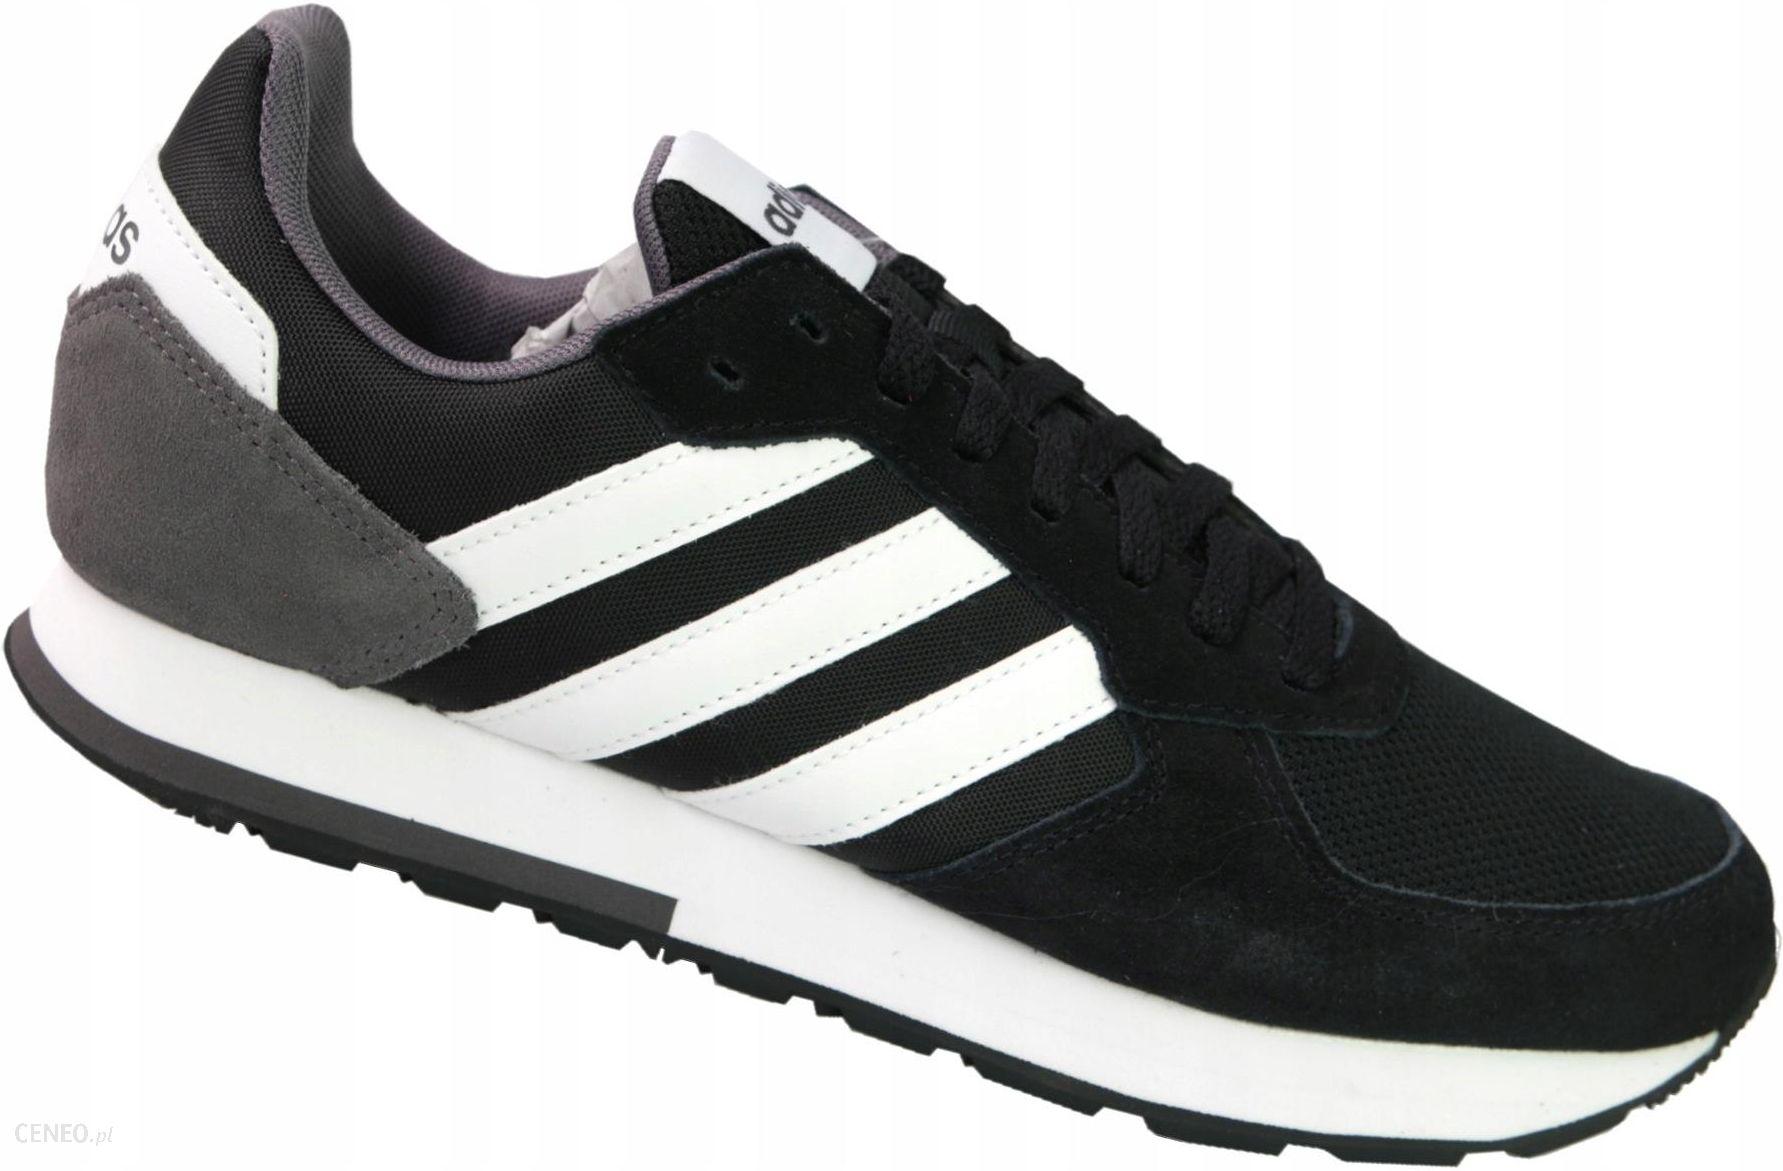 Mskie buty 8K B44650 Adidas Ceny i opinie Ceneo.pl